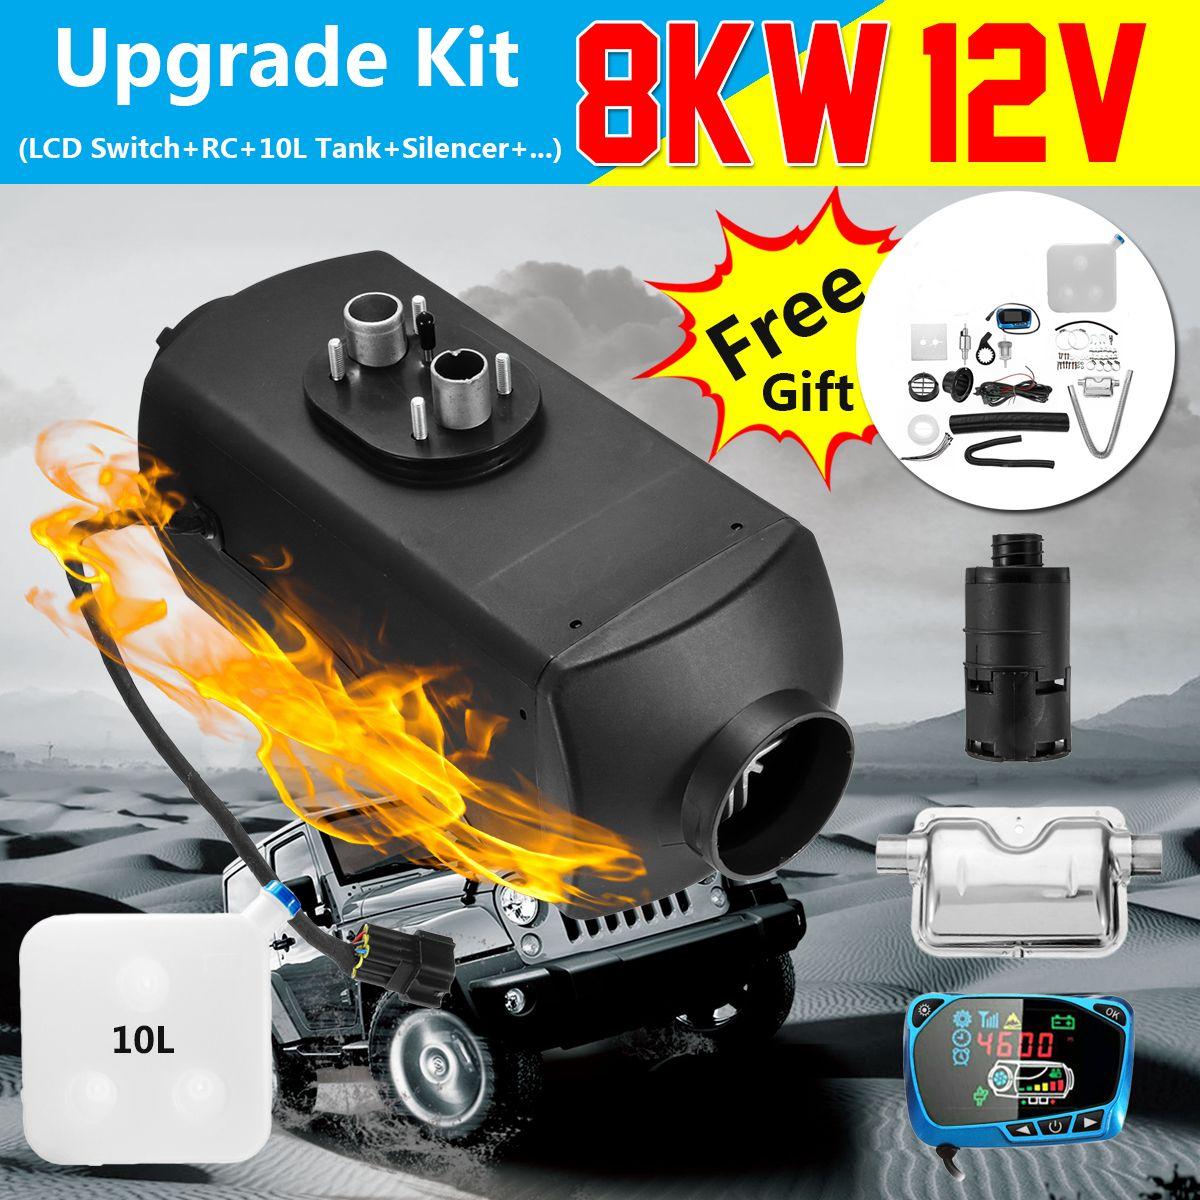 Luft Diesel/Heizung 8KW 12 V Planar LCD Für Auto Lkw Boote Motor-Häuser Neueste Kit Monitor für RV Wohnmobil Anhänger Mit Fernbedienung